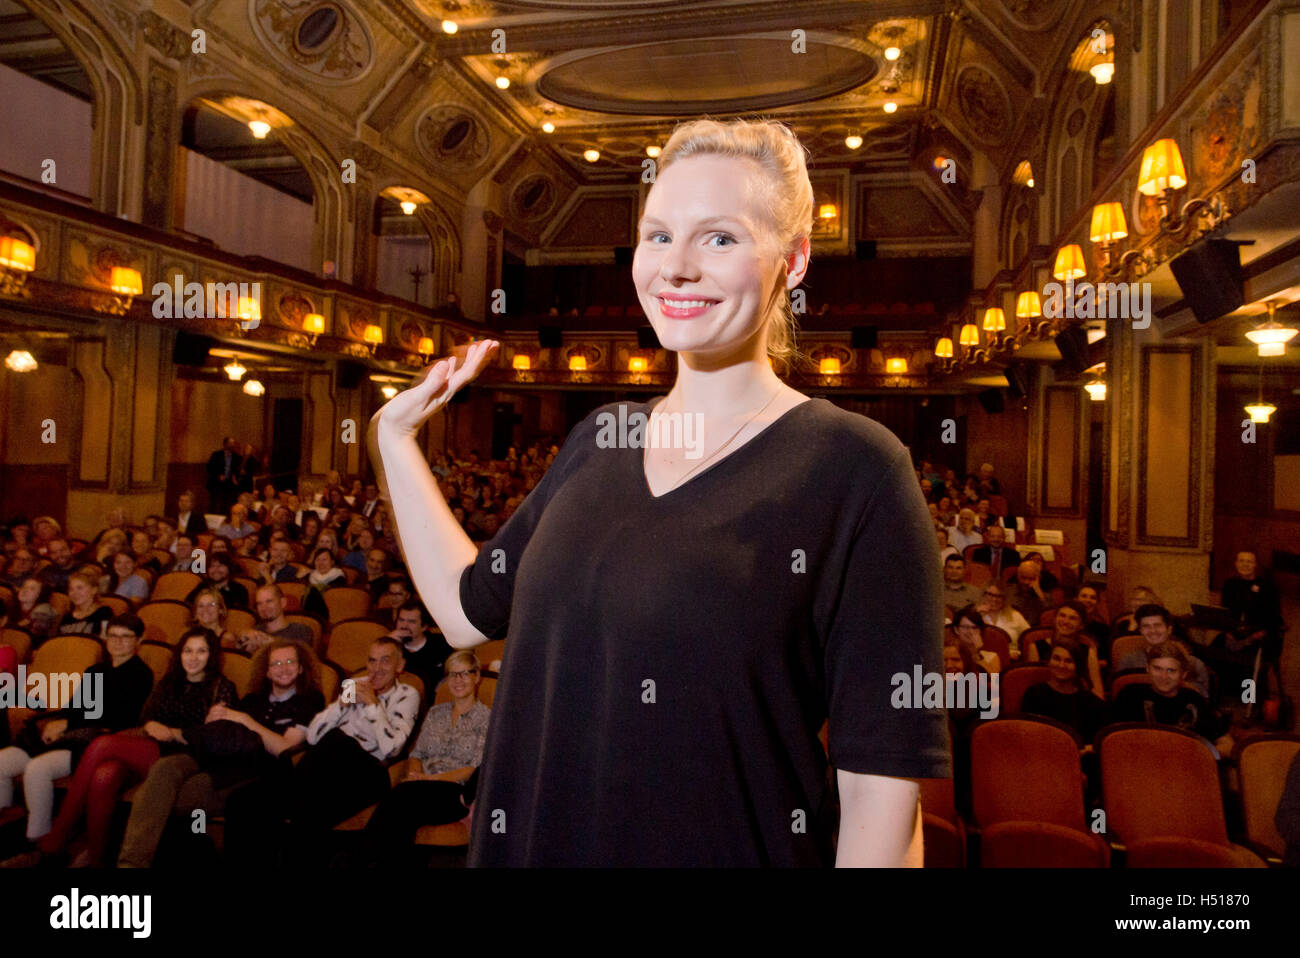 Prag, Tschechische Republik. 19. Oktober 2016. Das Filmfest Festival der Deutsch sprechende Filme beginnt mit Vorführungen Stockbild